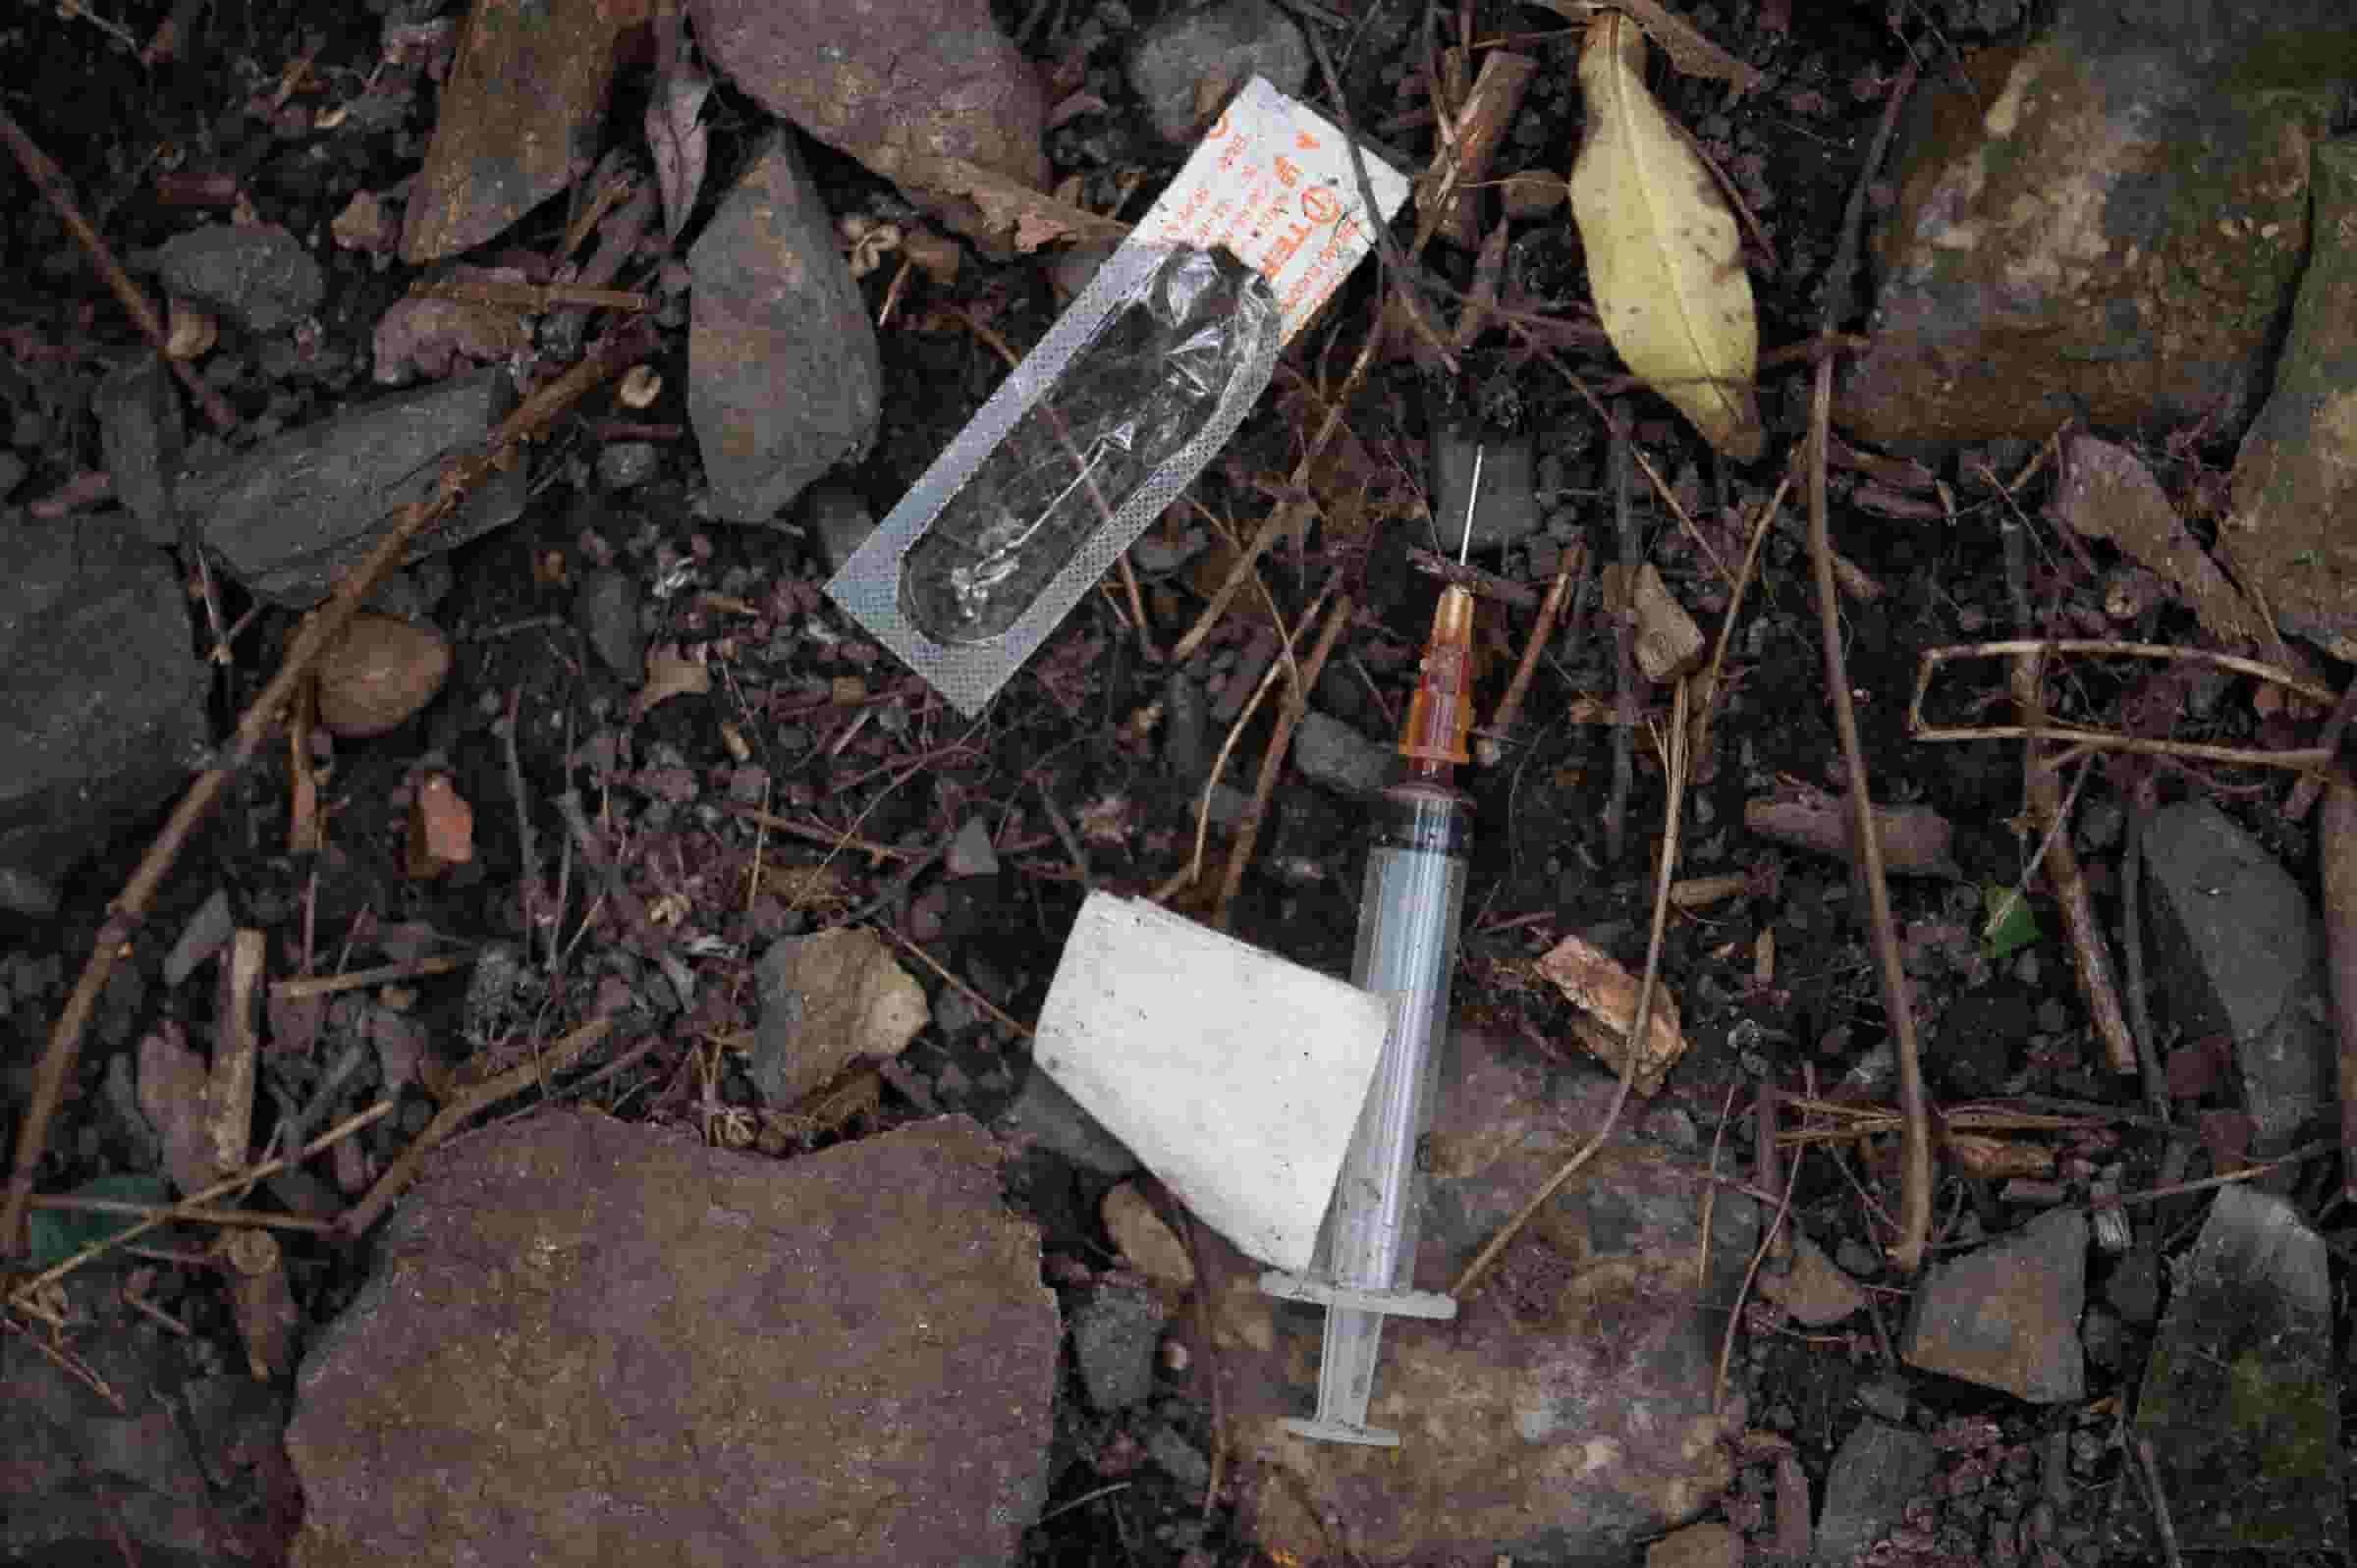 Adolescente di 15 anni morto per overdose: dramma vicino l'ospedale